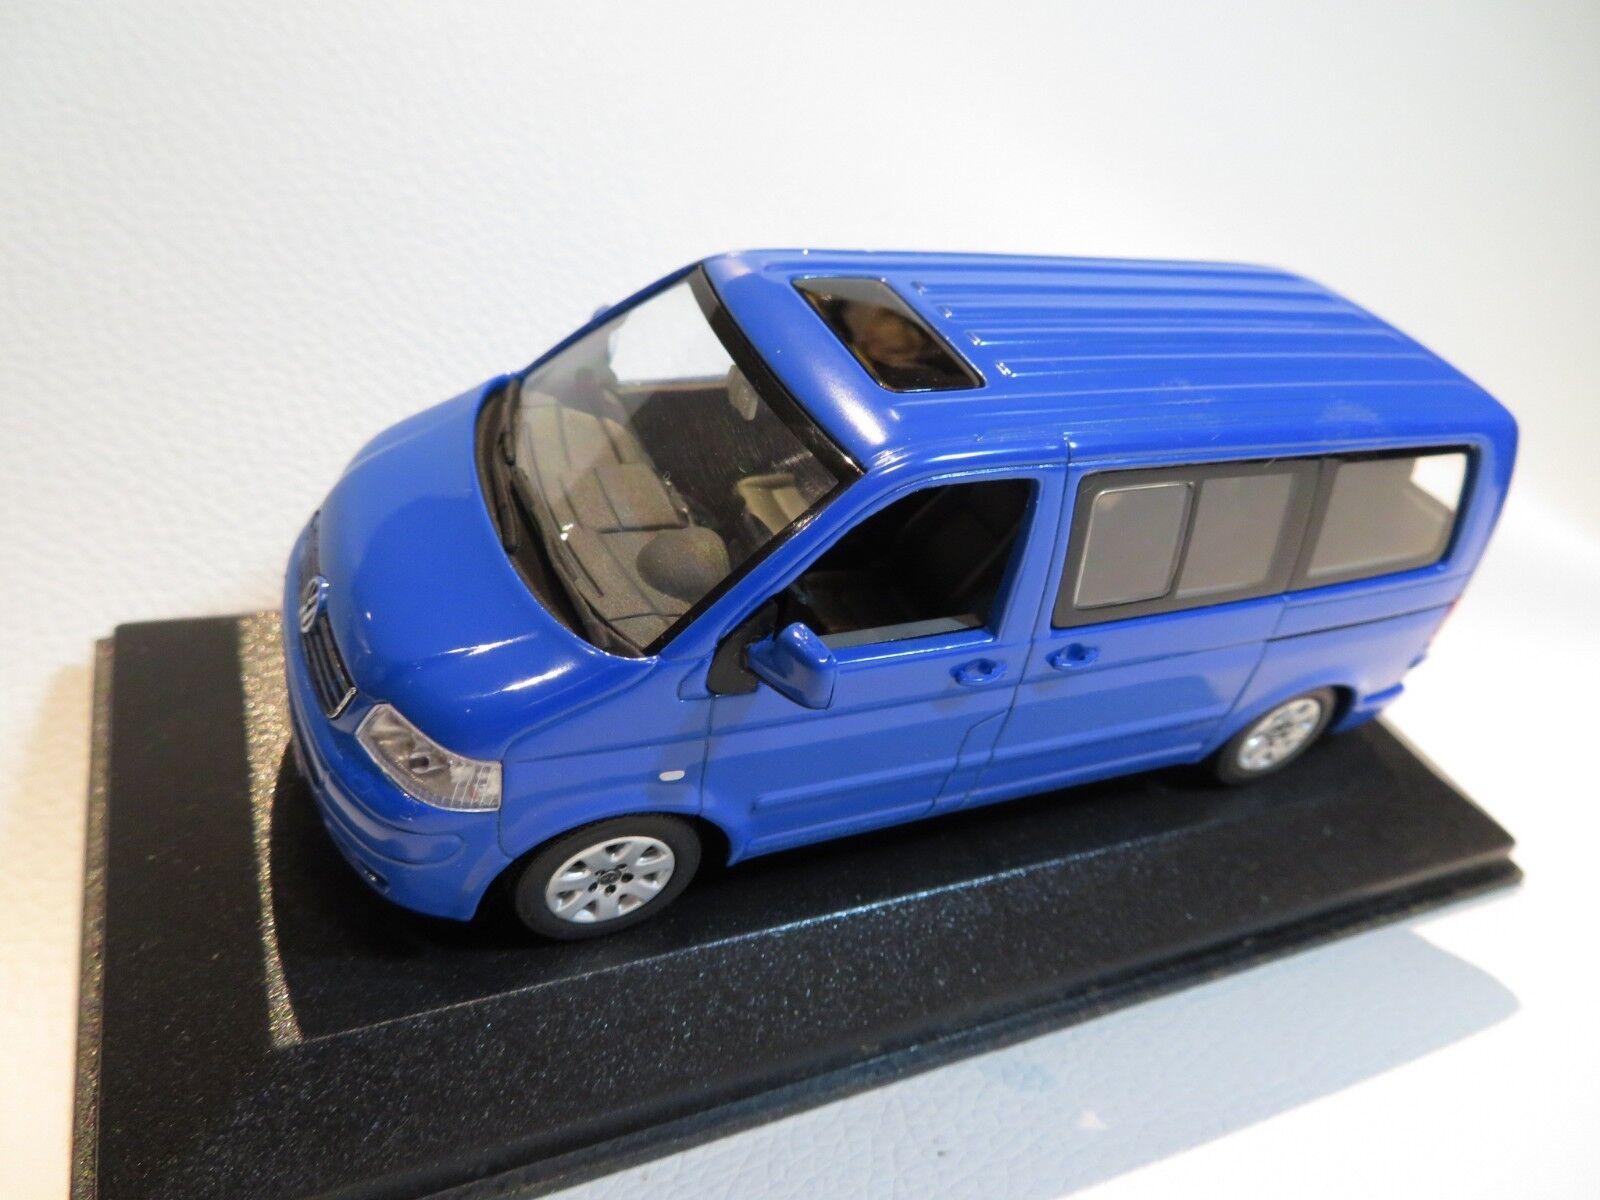 ventas en linea 1 43 43 43 Minichamps VW VOLKSWAGEN MULTIVAN Diecast  Los mejores precios y los estilos más frescos.